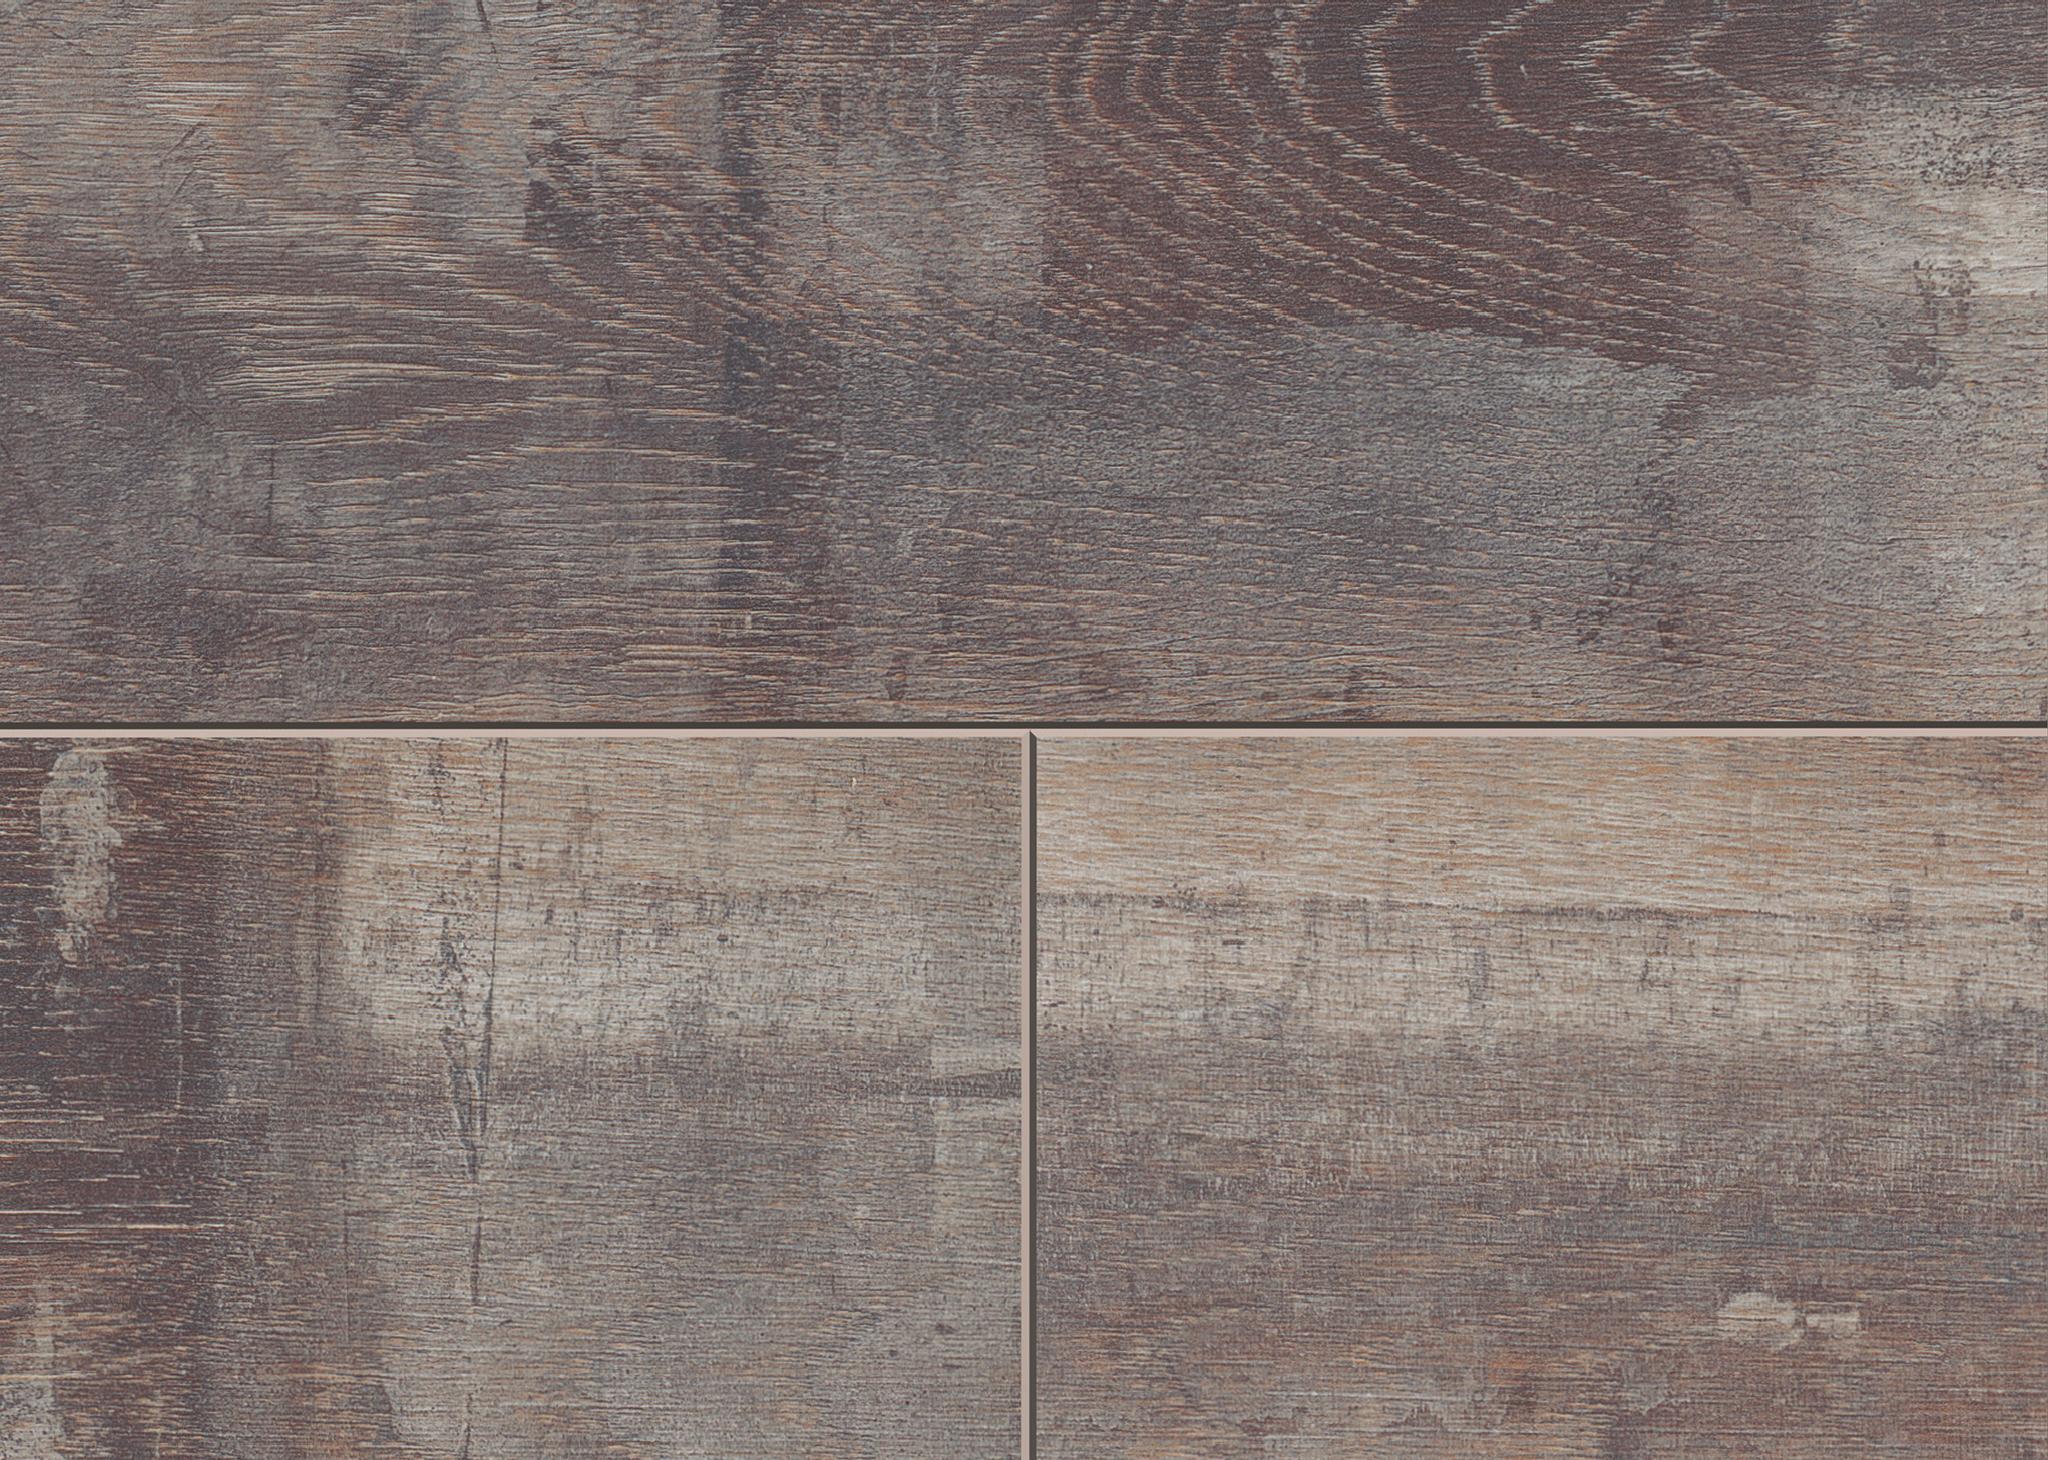 eterna Loc 7 Painted oak Laminatboden